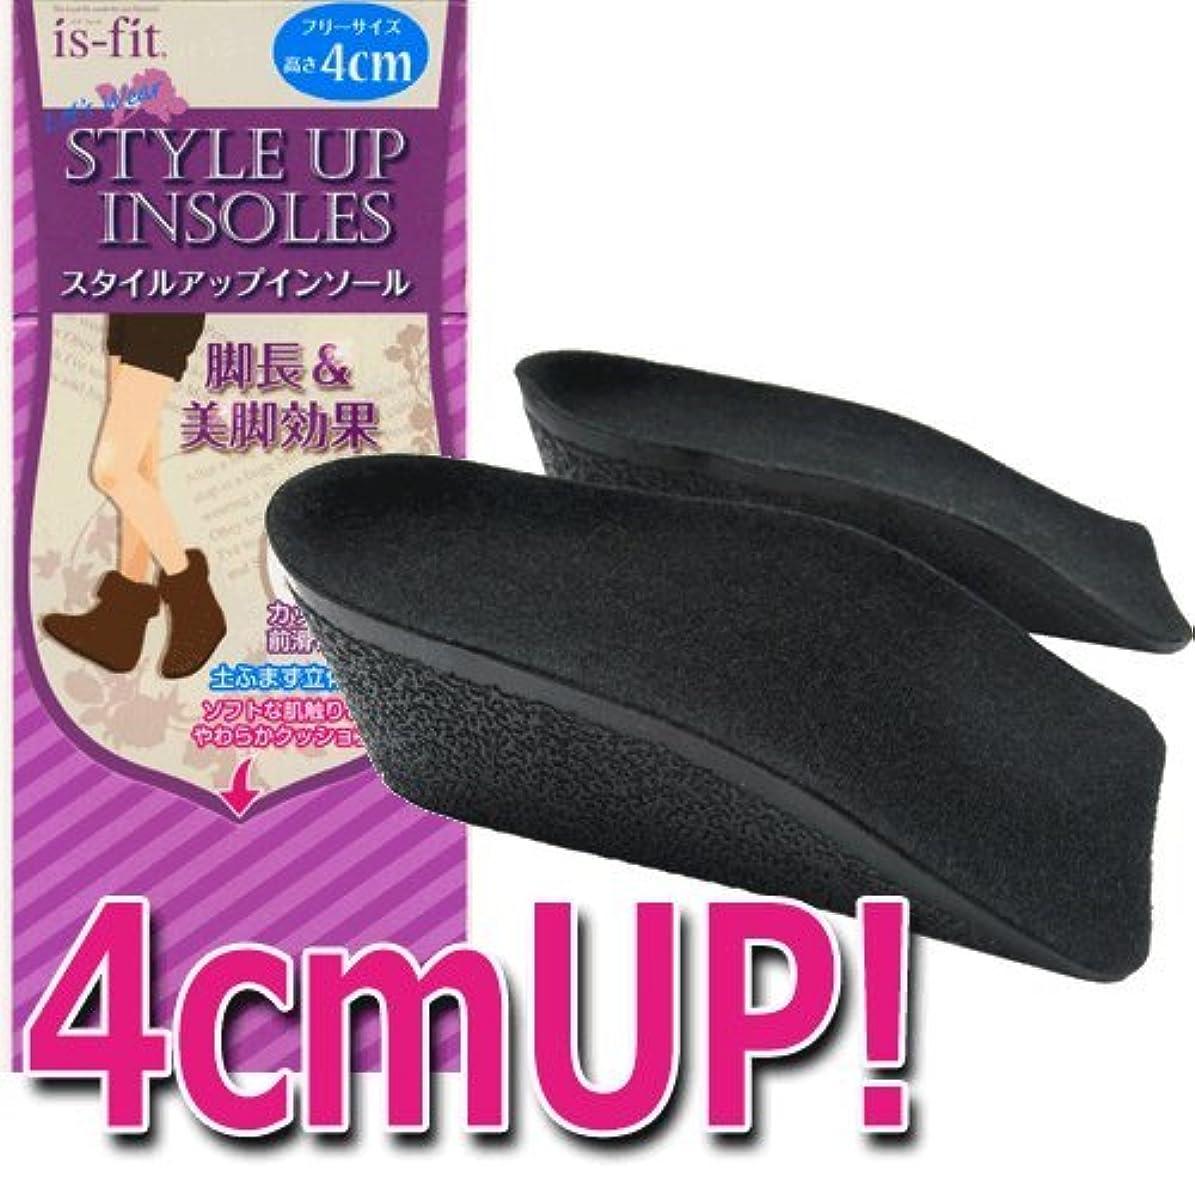 割り込み階層ペネロペモリト is-fit(イズフィット) スタイルアップインソール 4cm 女性用 フリーサイズ ブラック